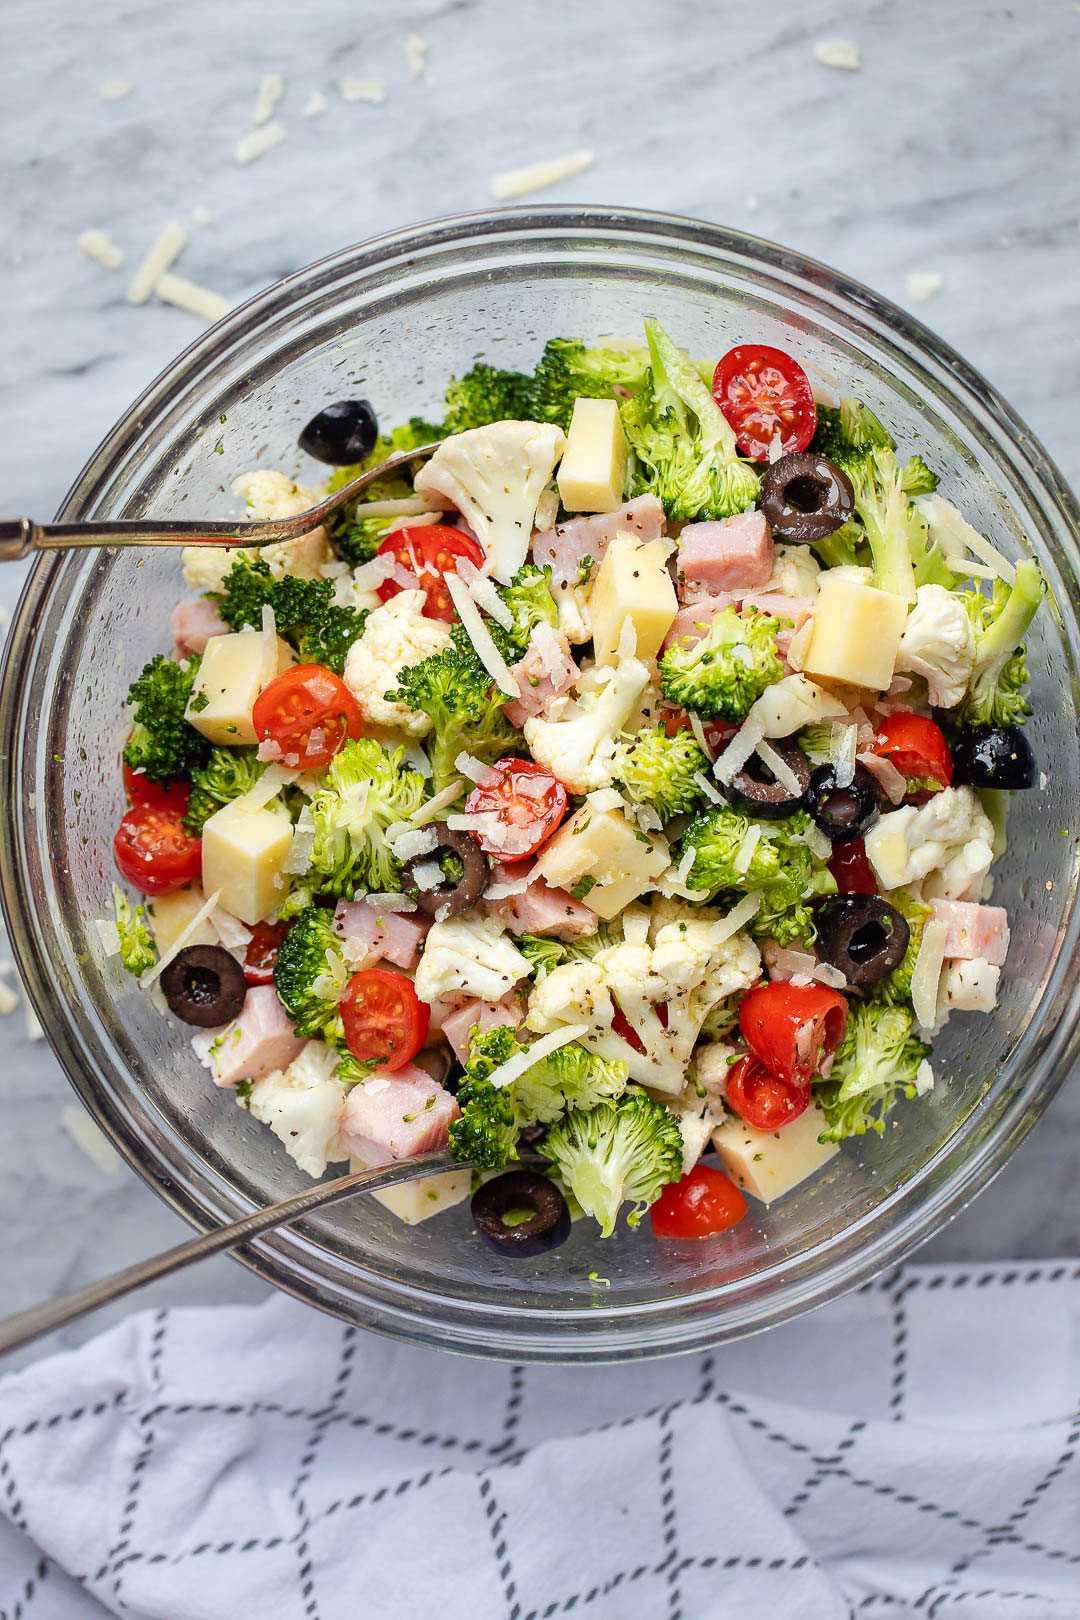 Ensalada de coliflor y brócoli receta 2